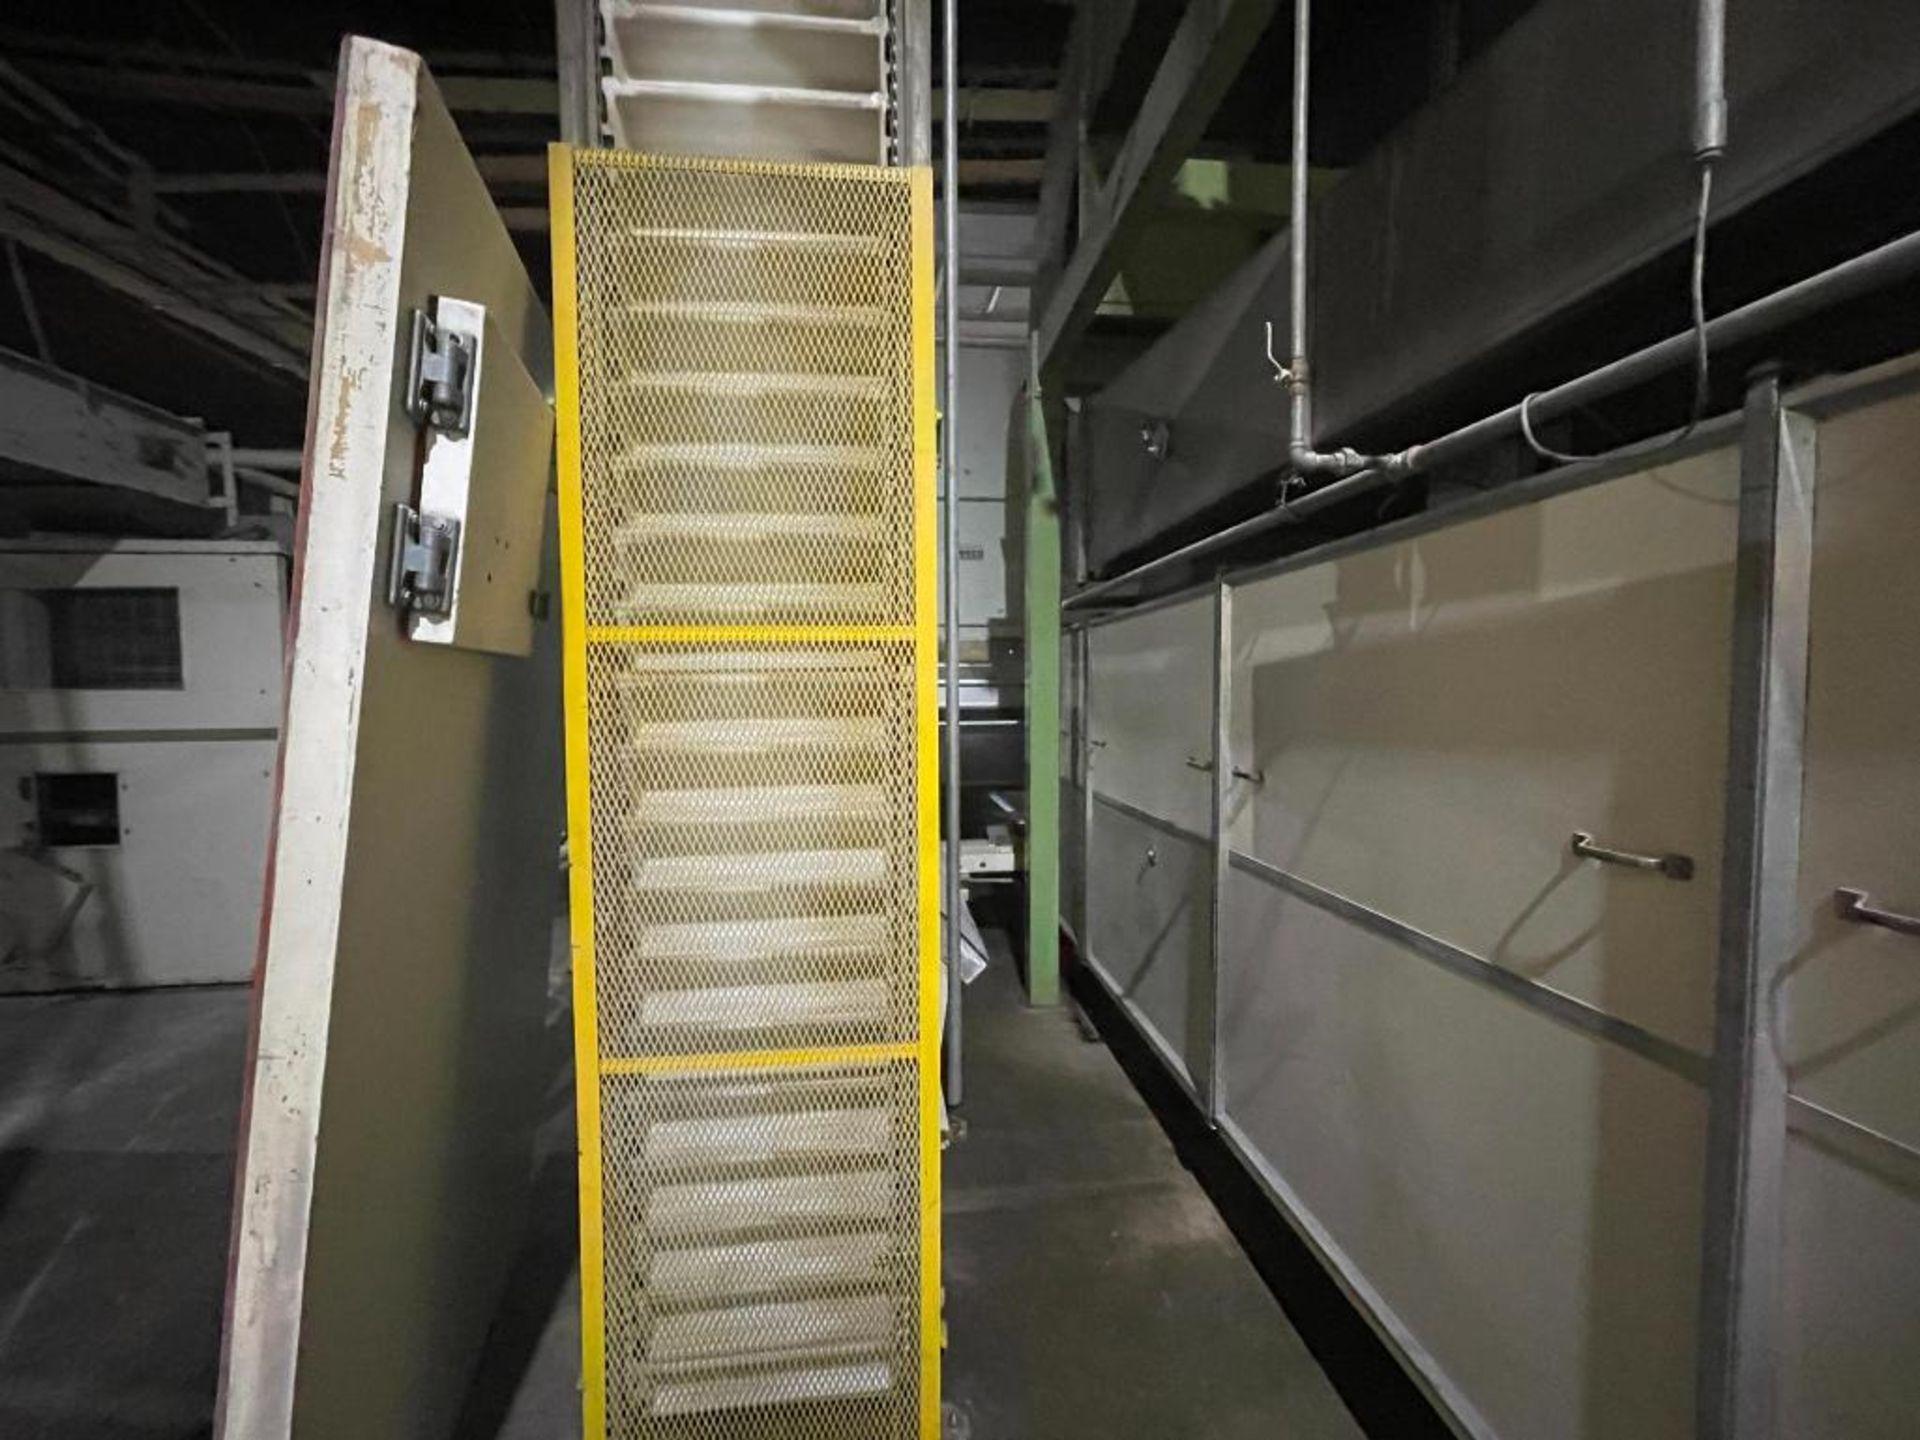 Aseeco overlapping bucket elevator - Image 5 of 14